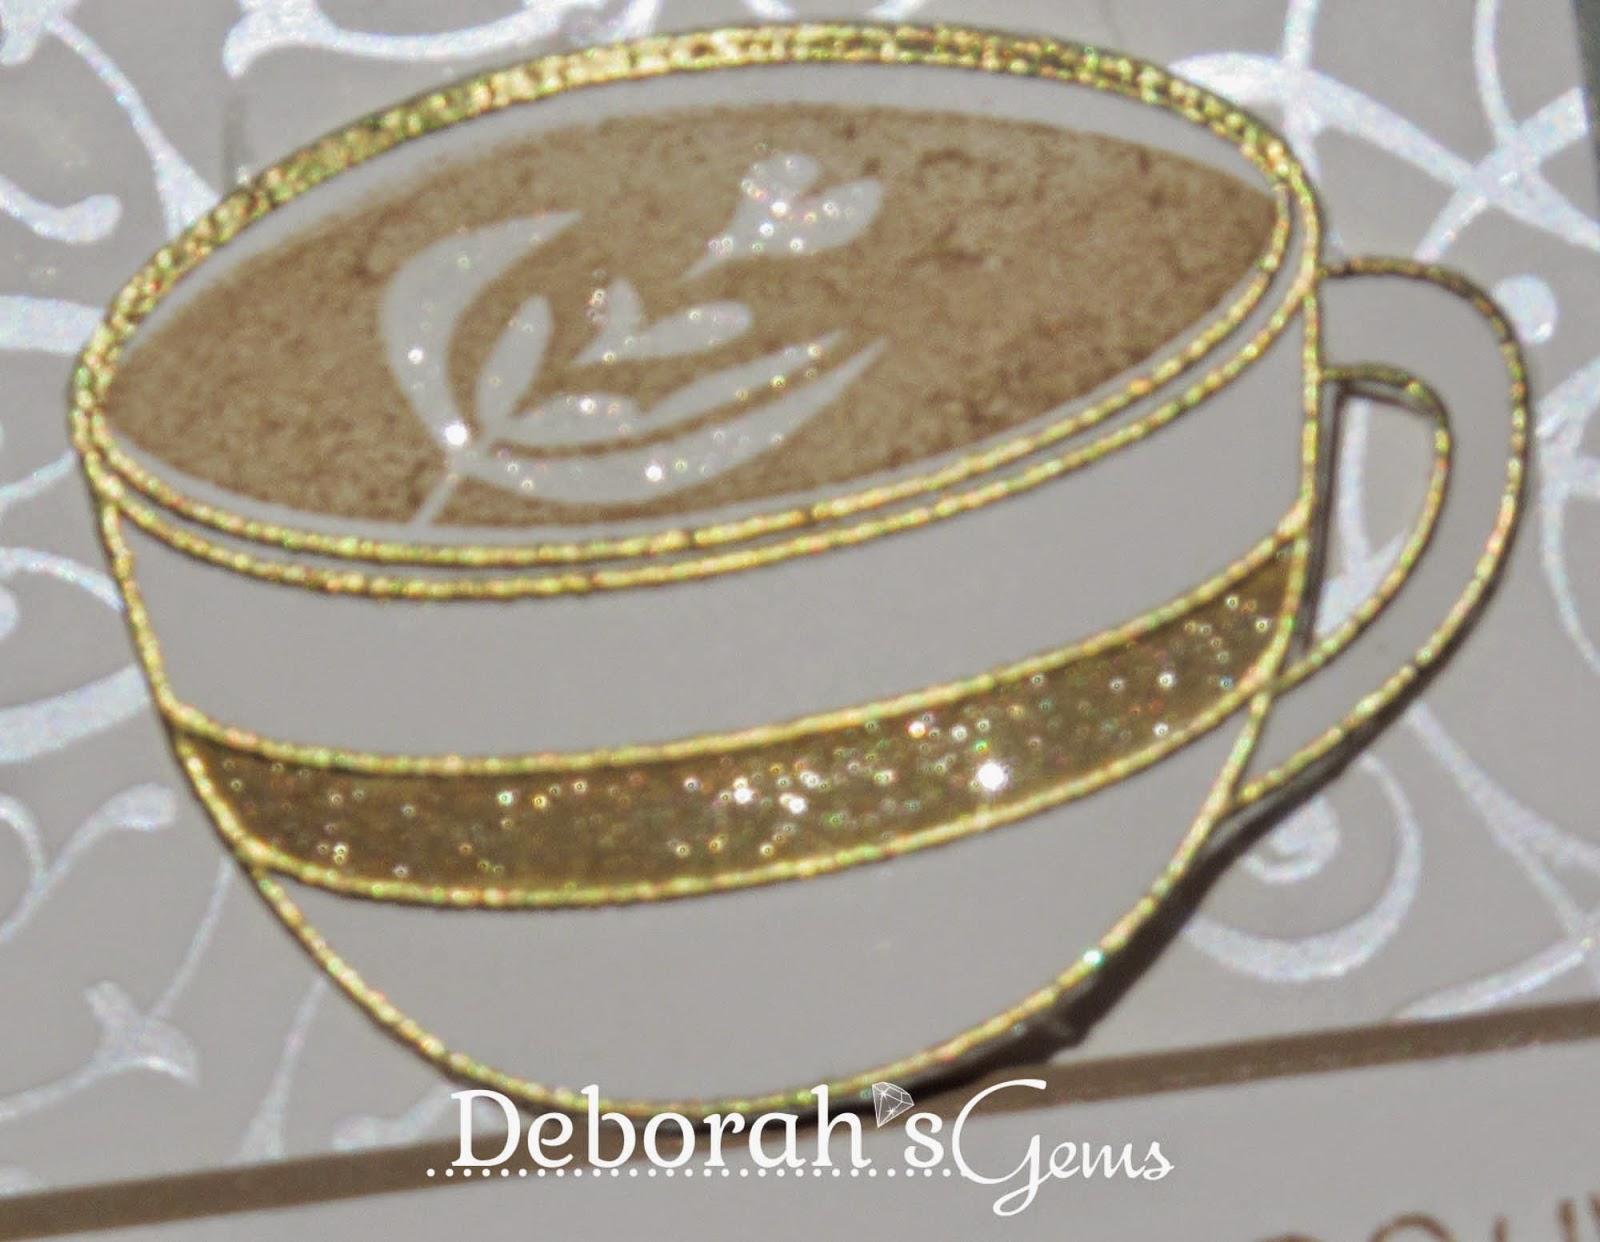 Special Delivery Detail - photo by Deborah Frings - Deborah's Gems